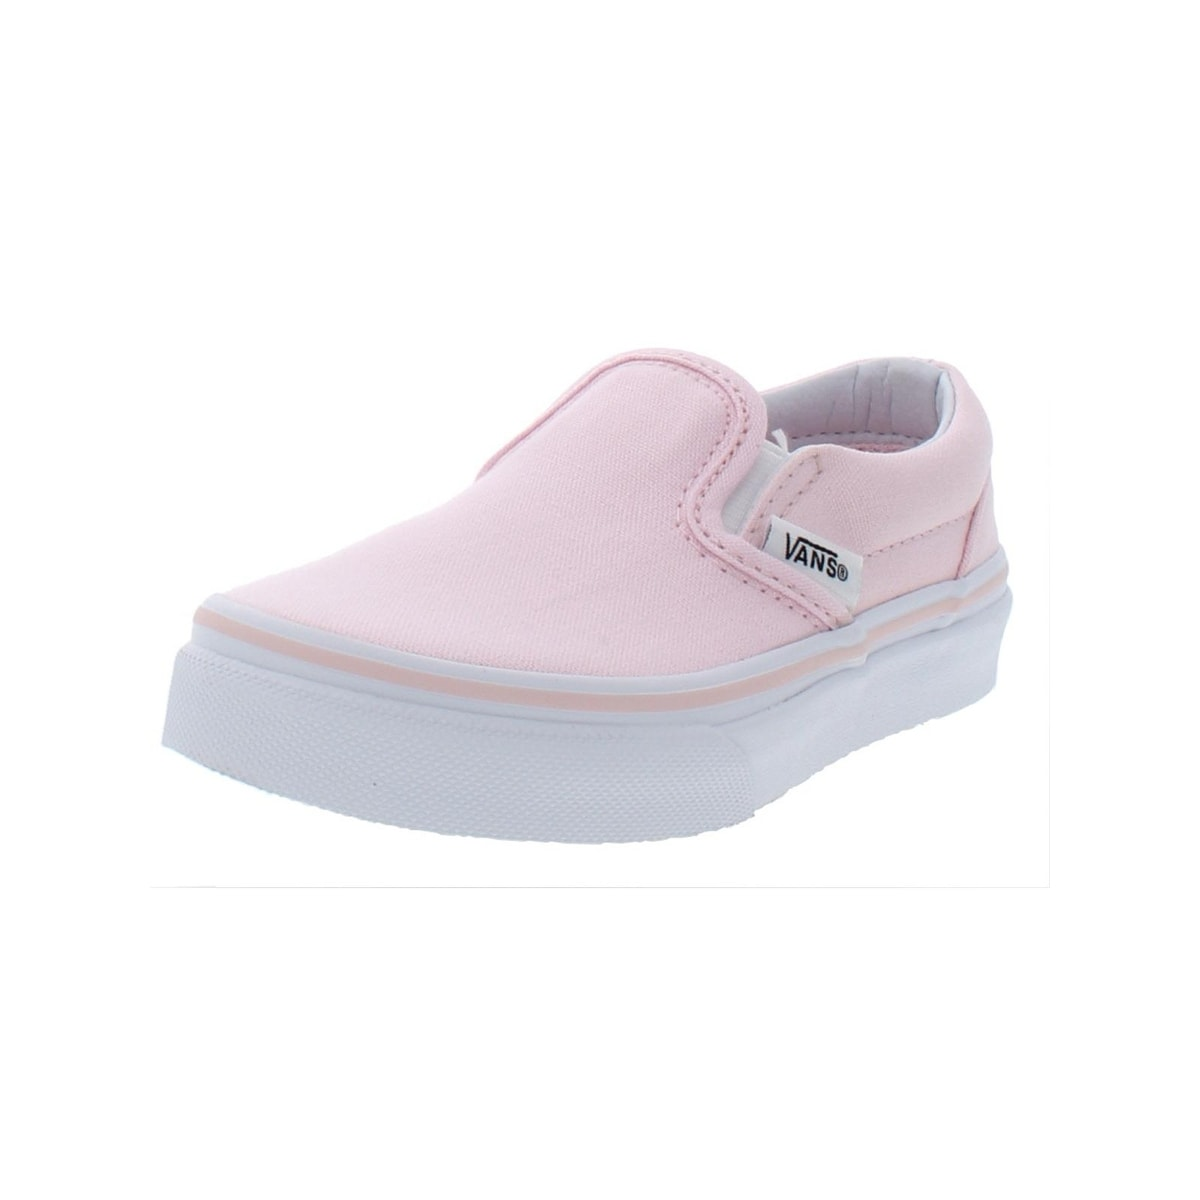 87f57de608 Vans Boys  Shoes